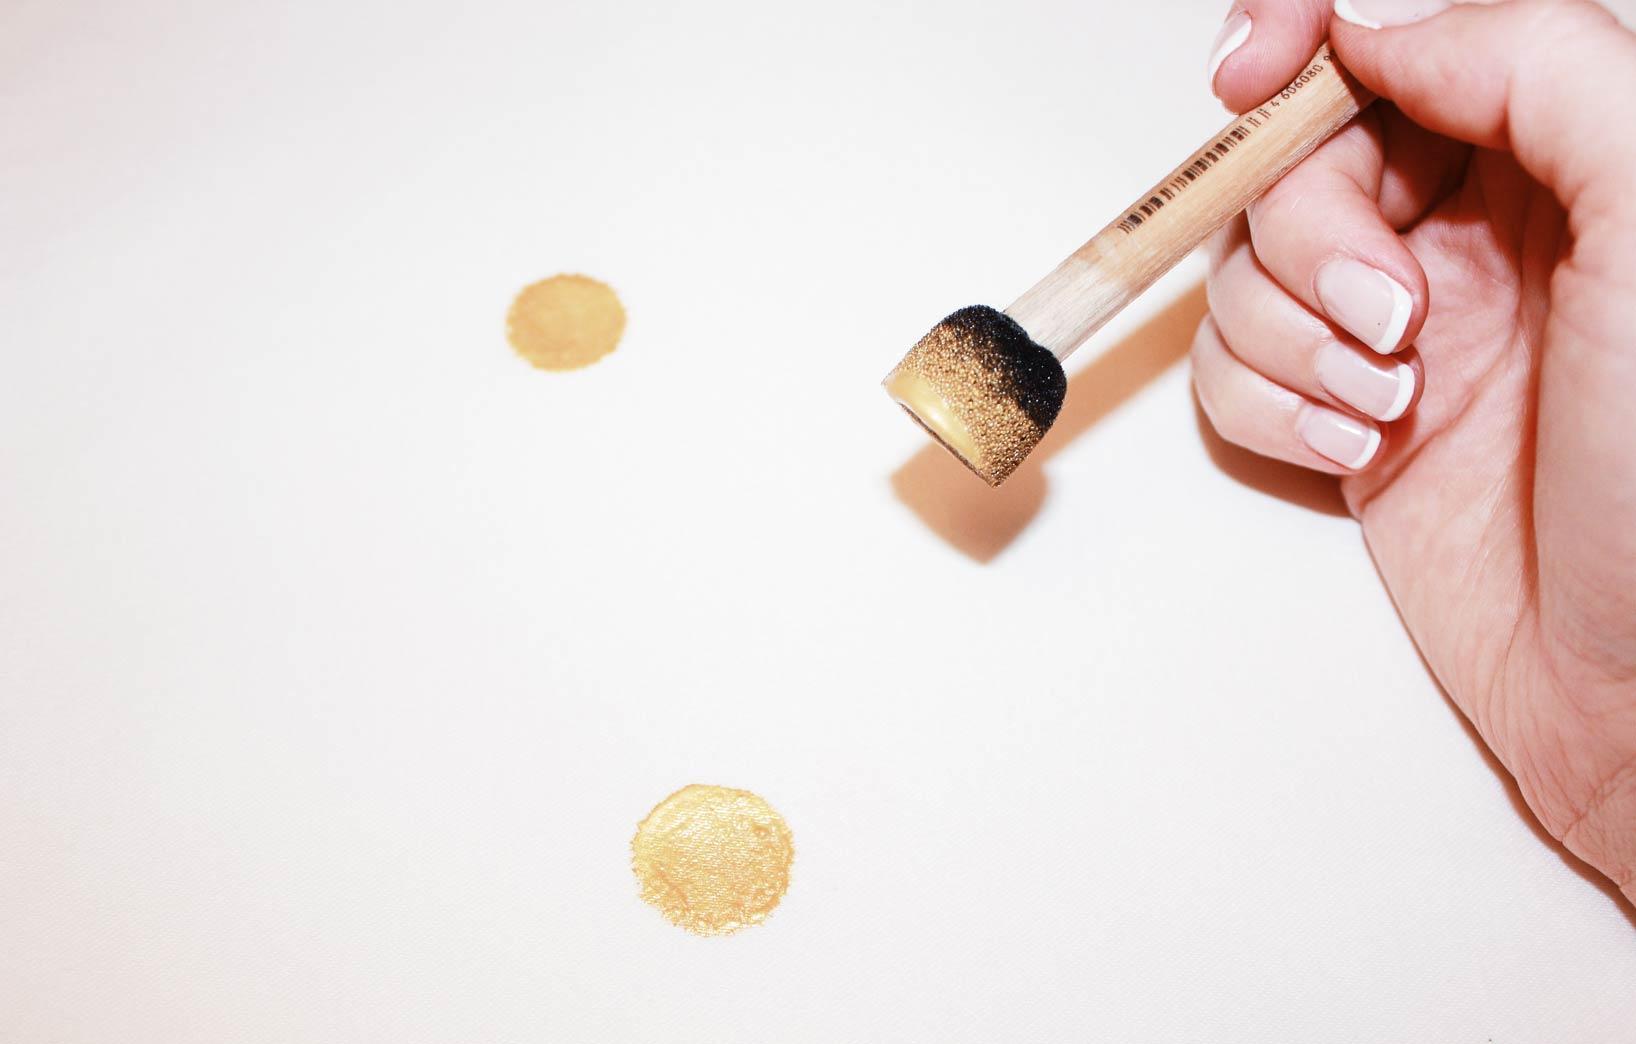 Рисуем золотой горох на ткани